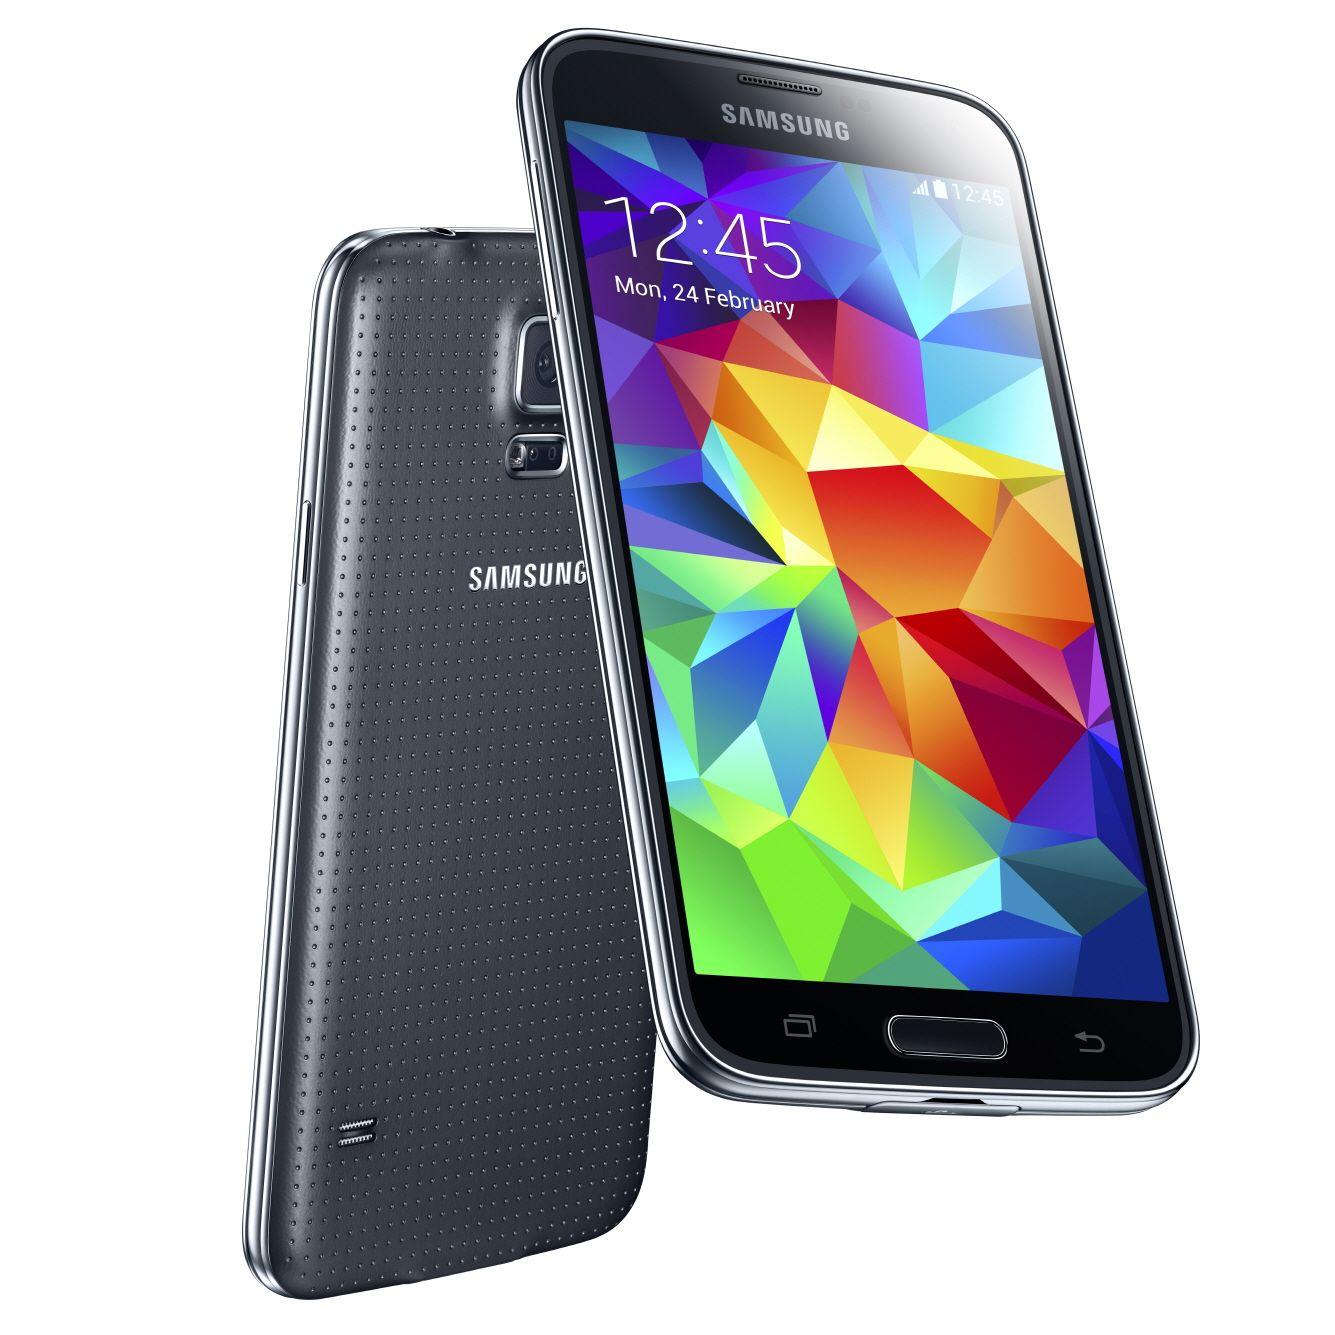 Galaxy S5 schermo